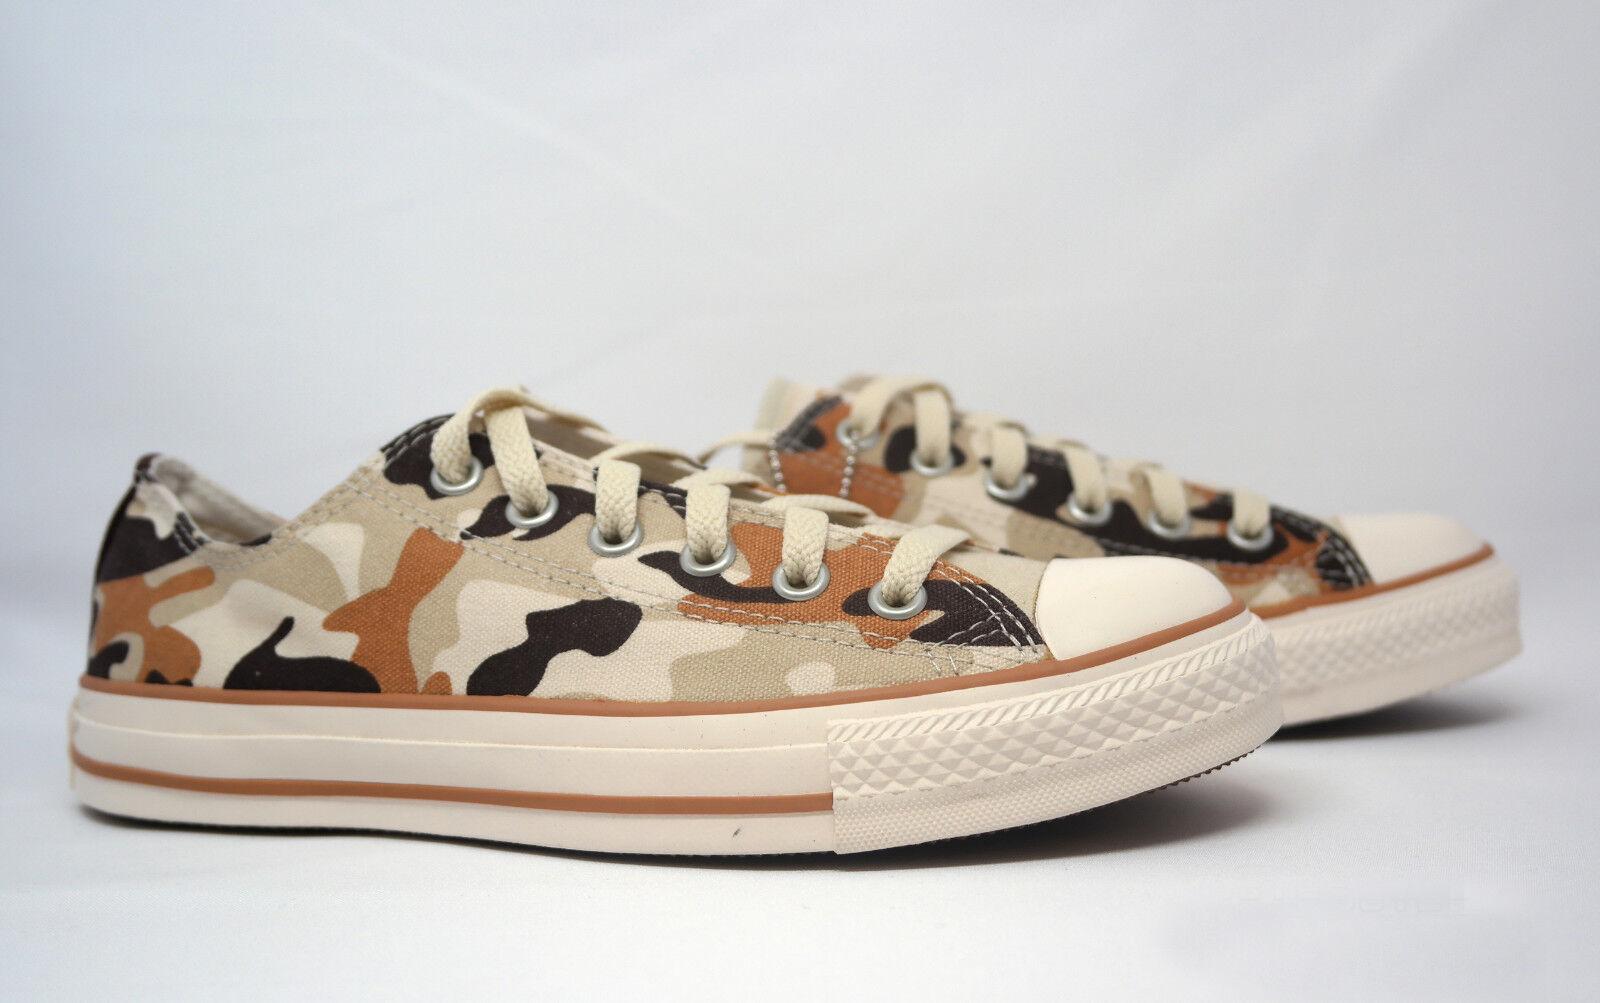 Converse Star Chuck Taylor Desert Camo All Ox Zapatos Hombre  1Q291 Hombre Zapatos 610 para mujer 812 e8fcfb